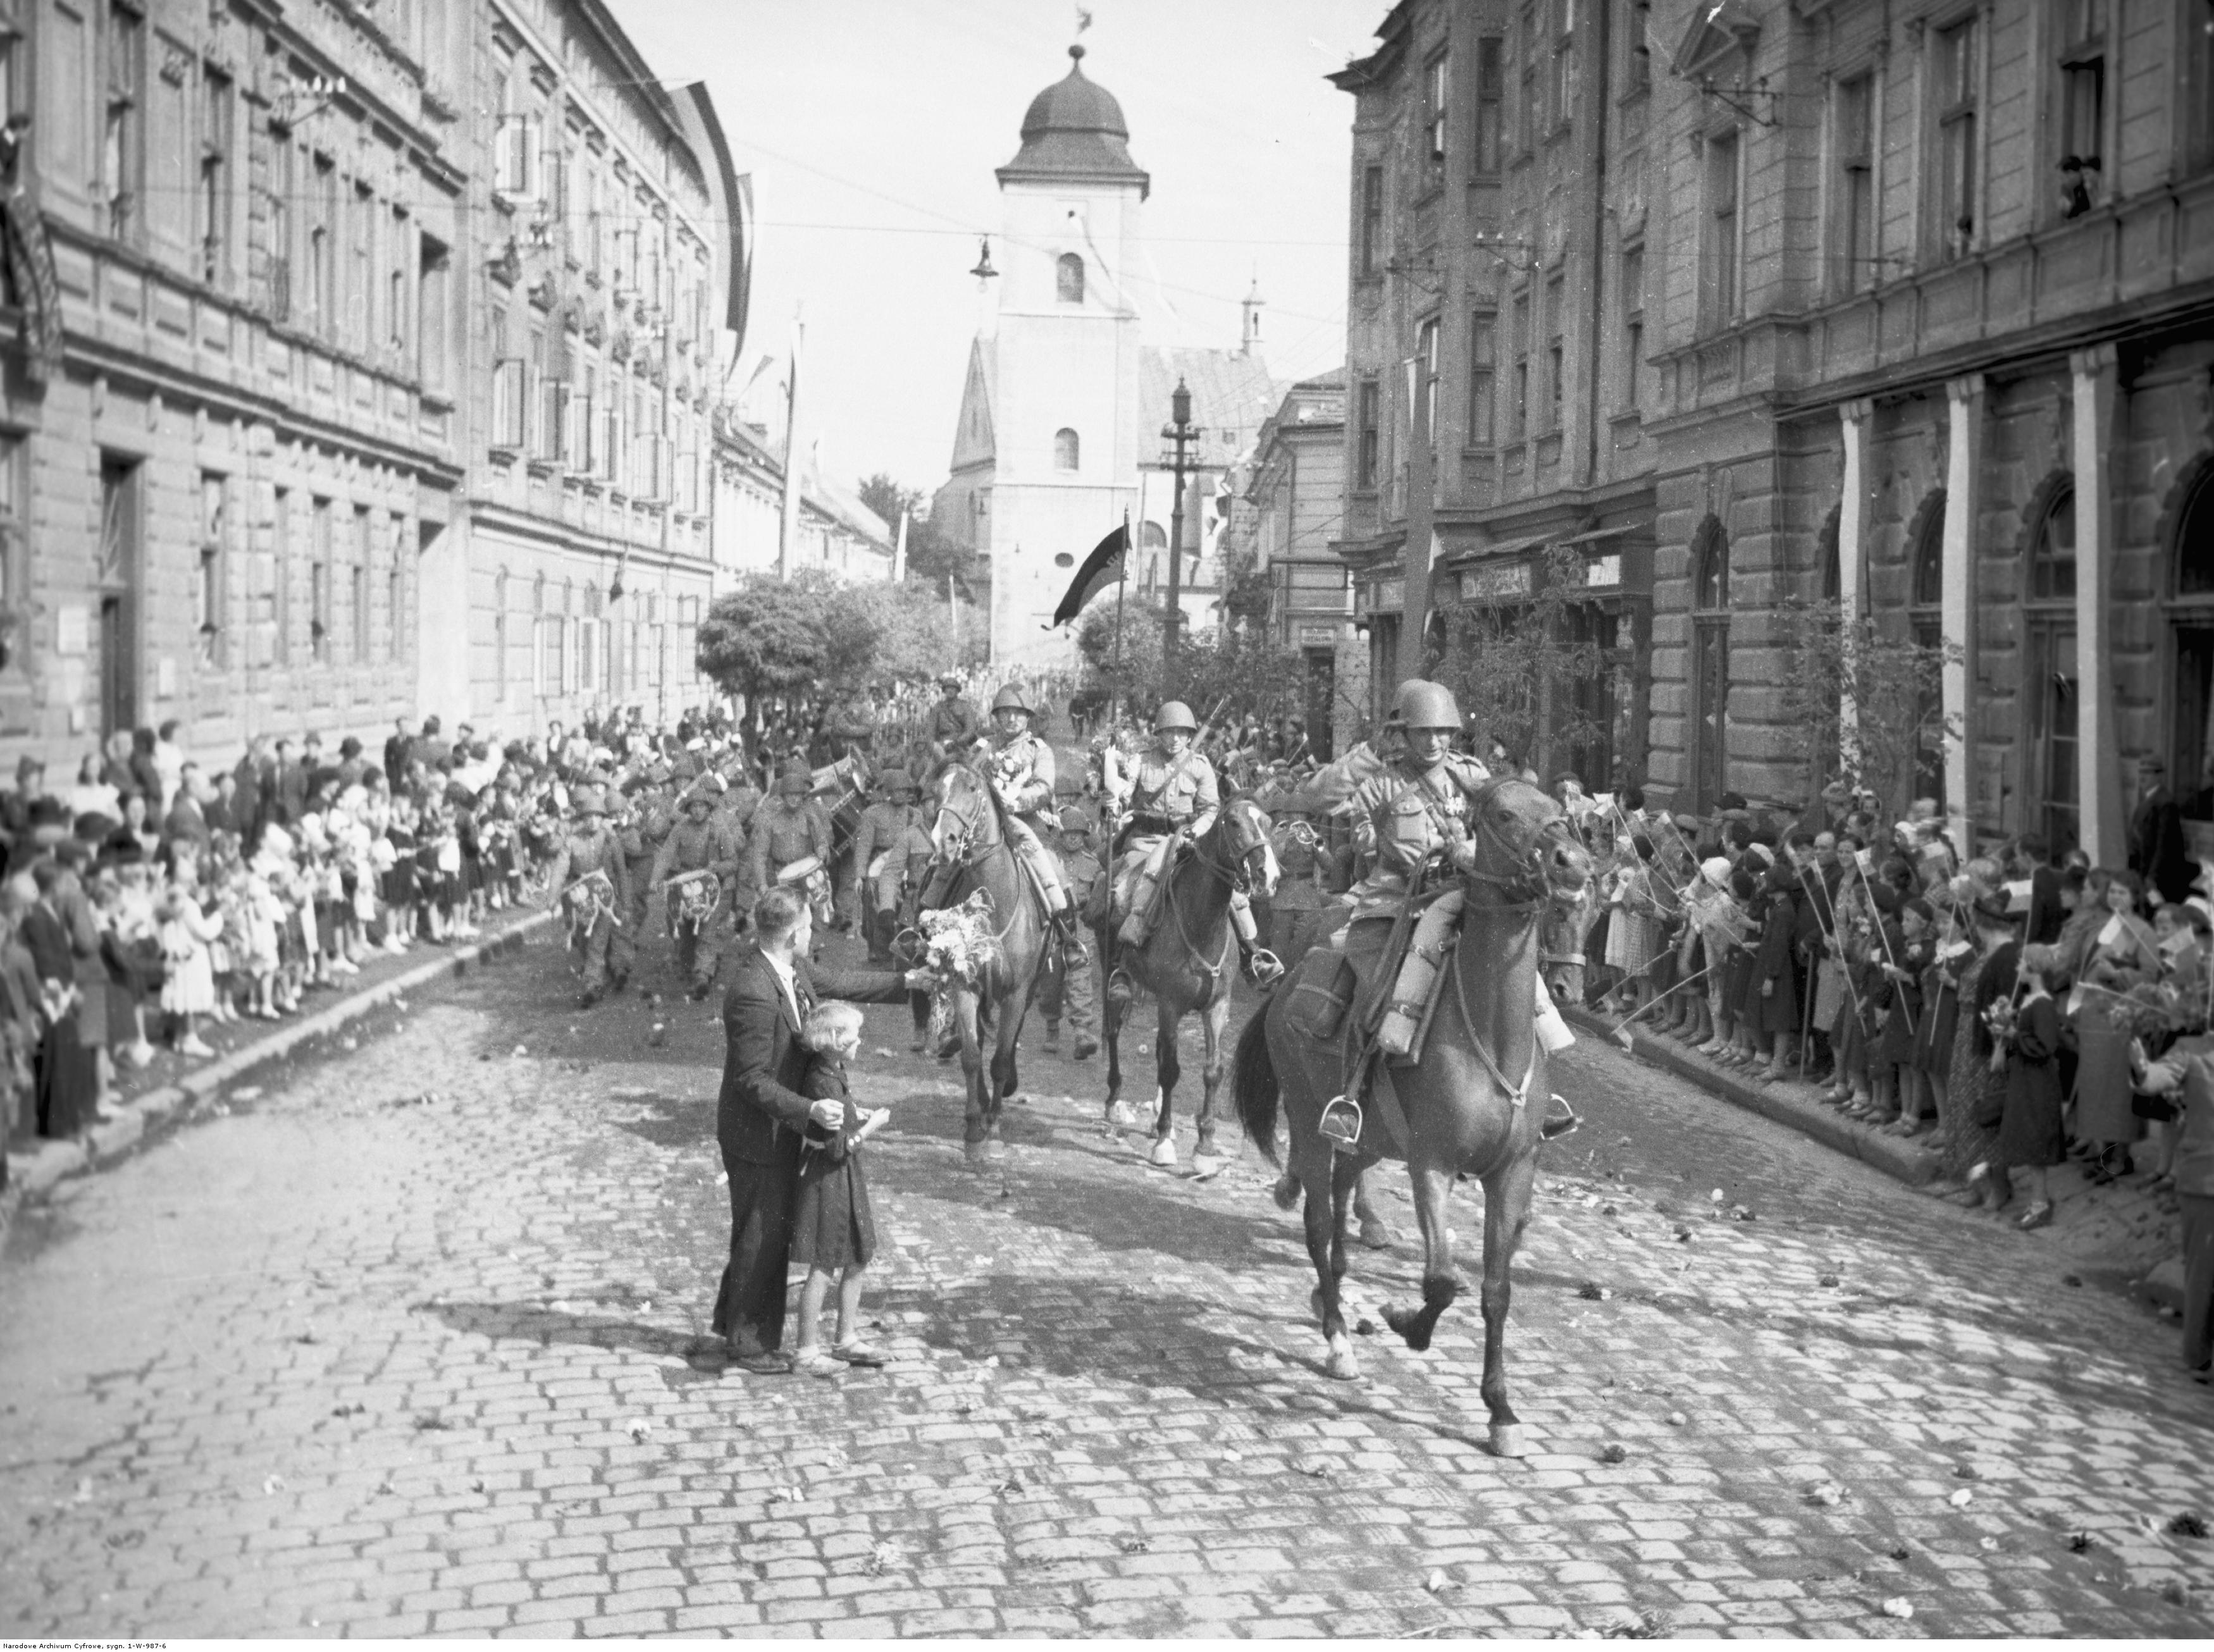 Powrót wojska po manewrach do Rzeszowa. Powitanie żołnierzy na jednej z ulic miasta, rok 1938-09